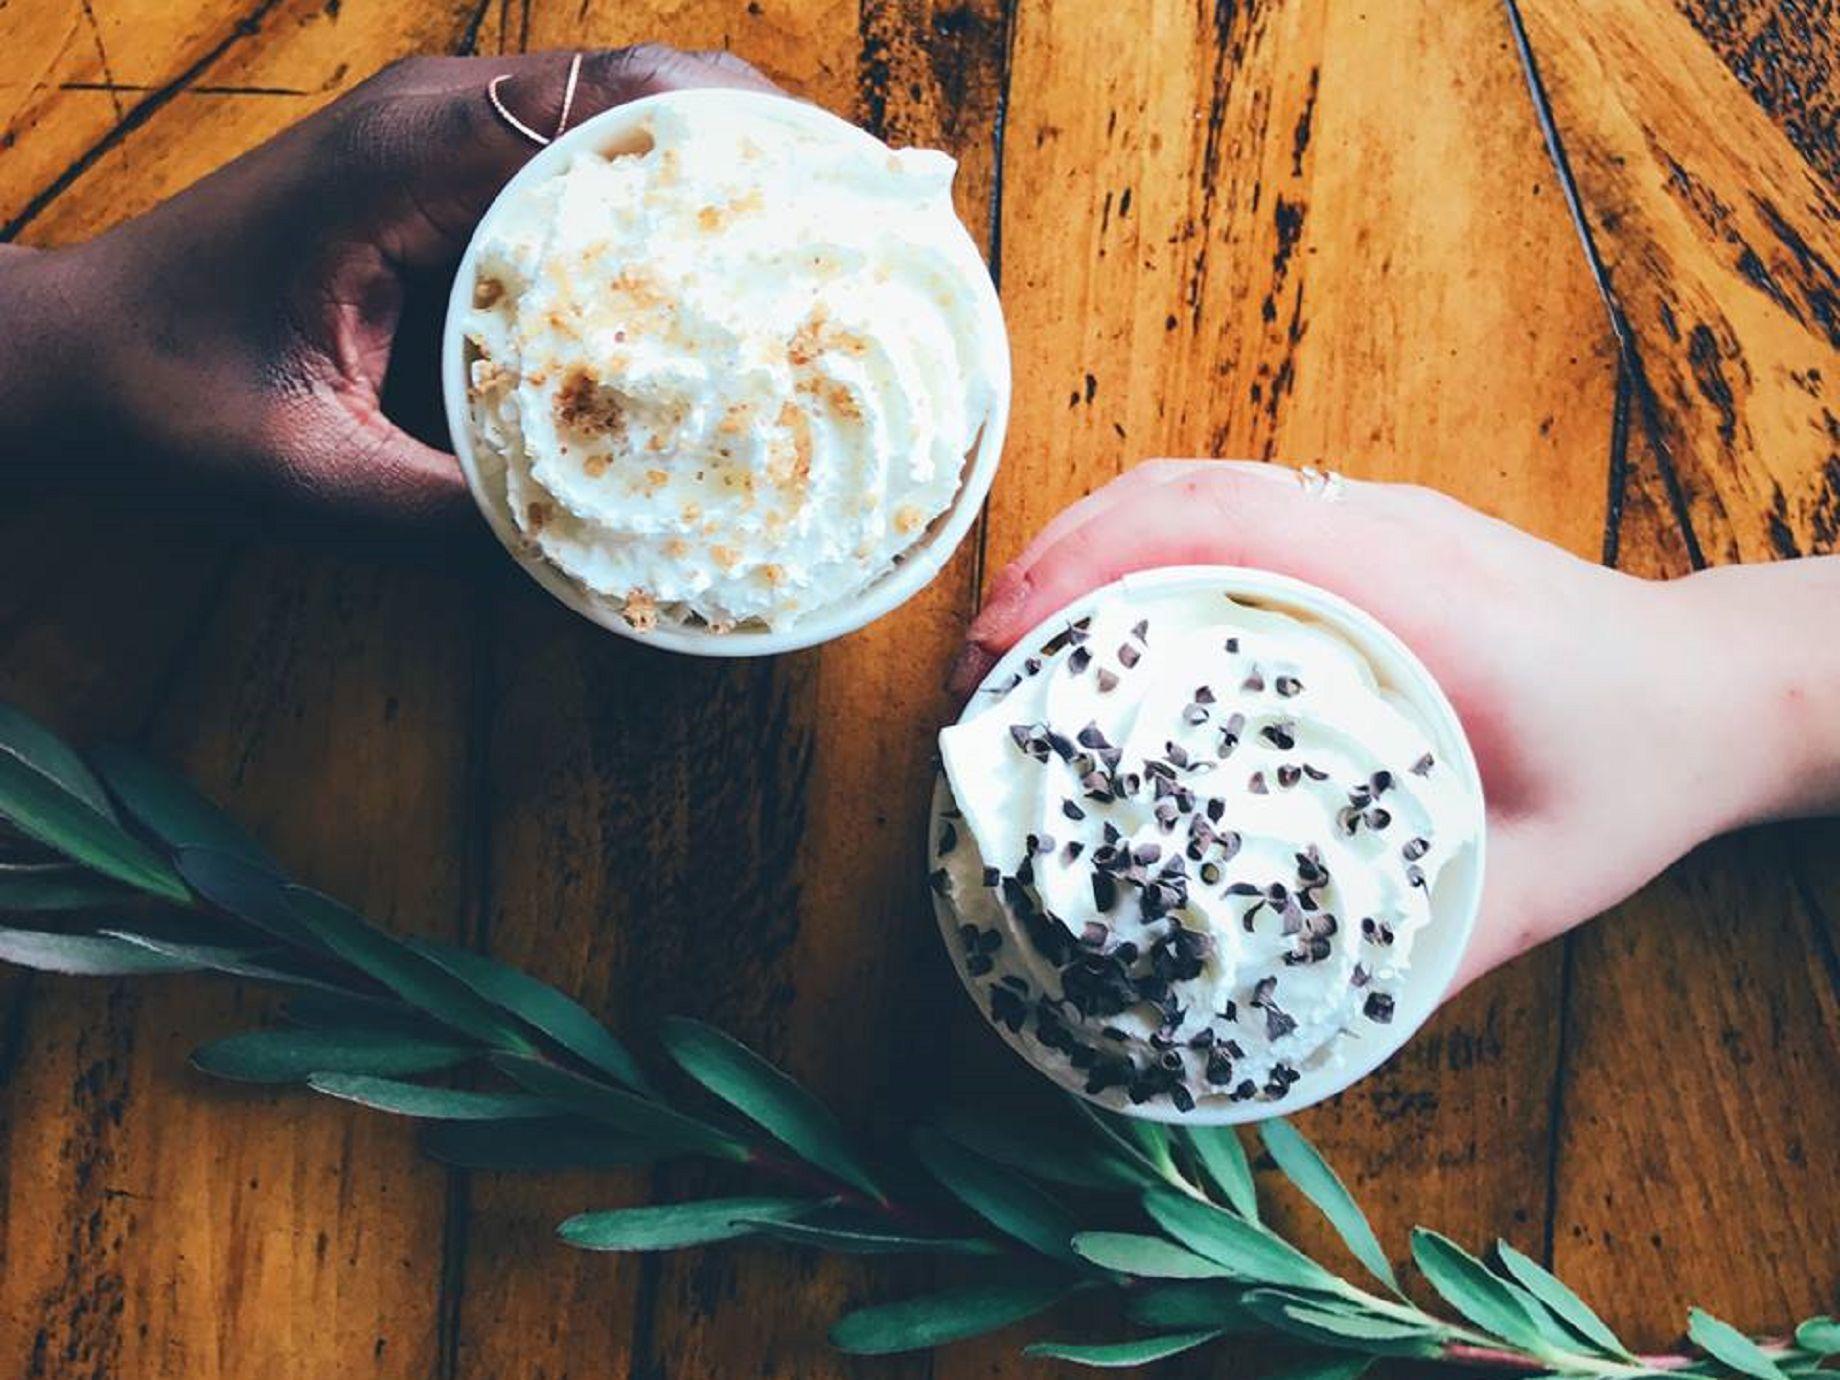 為何說星巴克是賣咖啡中最懂科技的?看它新任CEO 就知道了